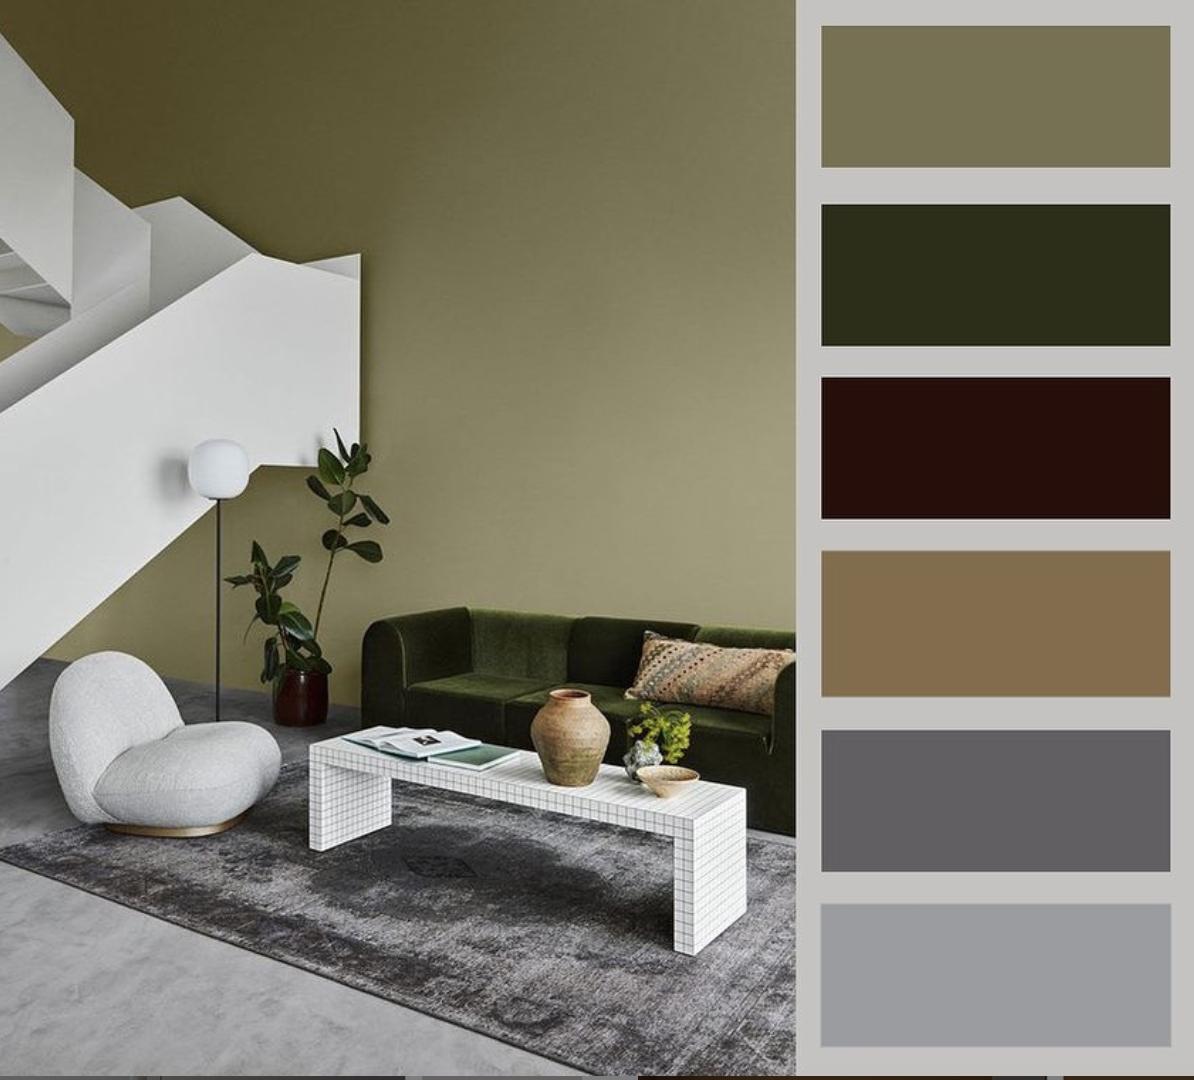 Farebné kombinácie - inšpirácie do interiéru - Obrázok č. 68